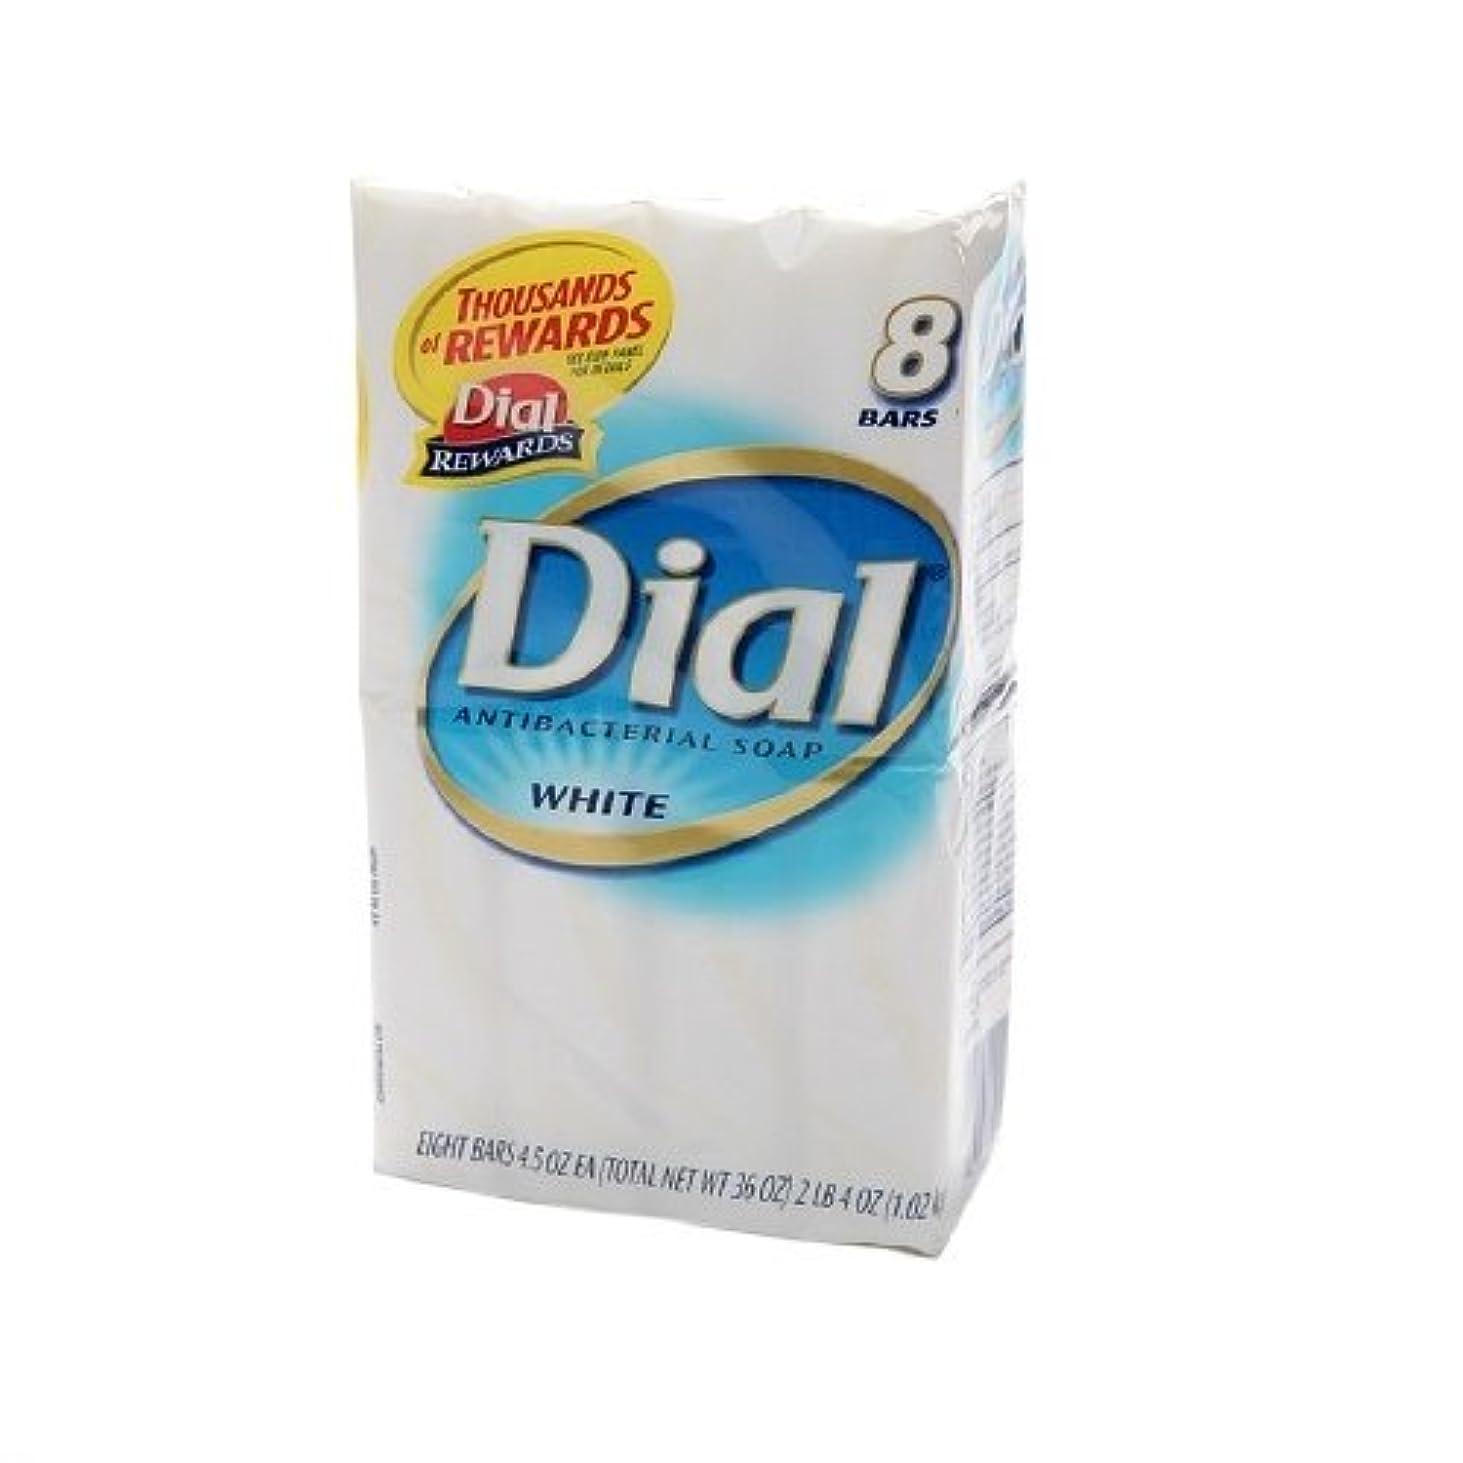 インデックス見つけた頑丈Dial 抗菌ホワイトデオドラントソープ、4つのオズバー、8 Eaは